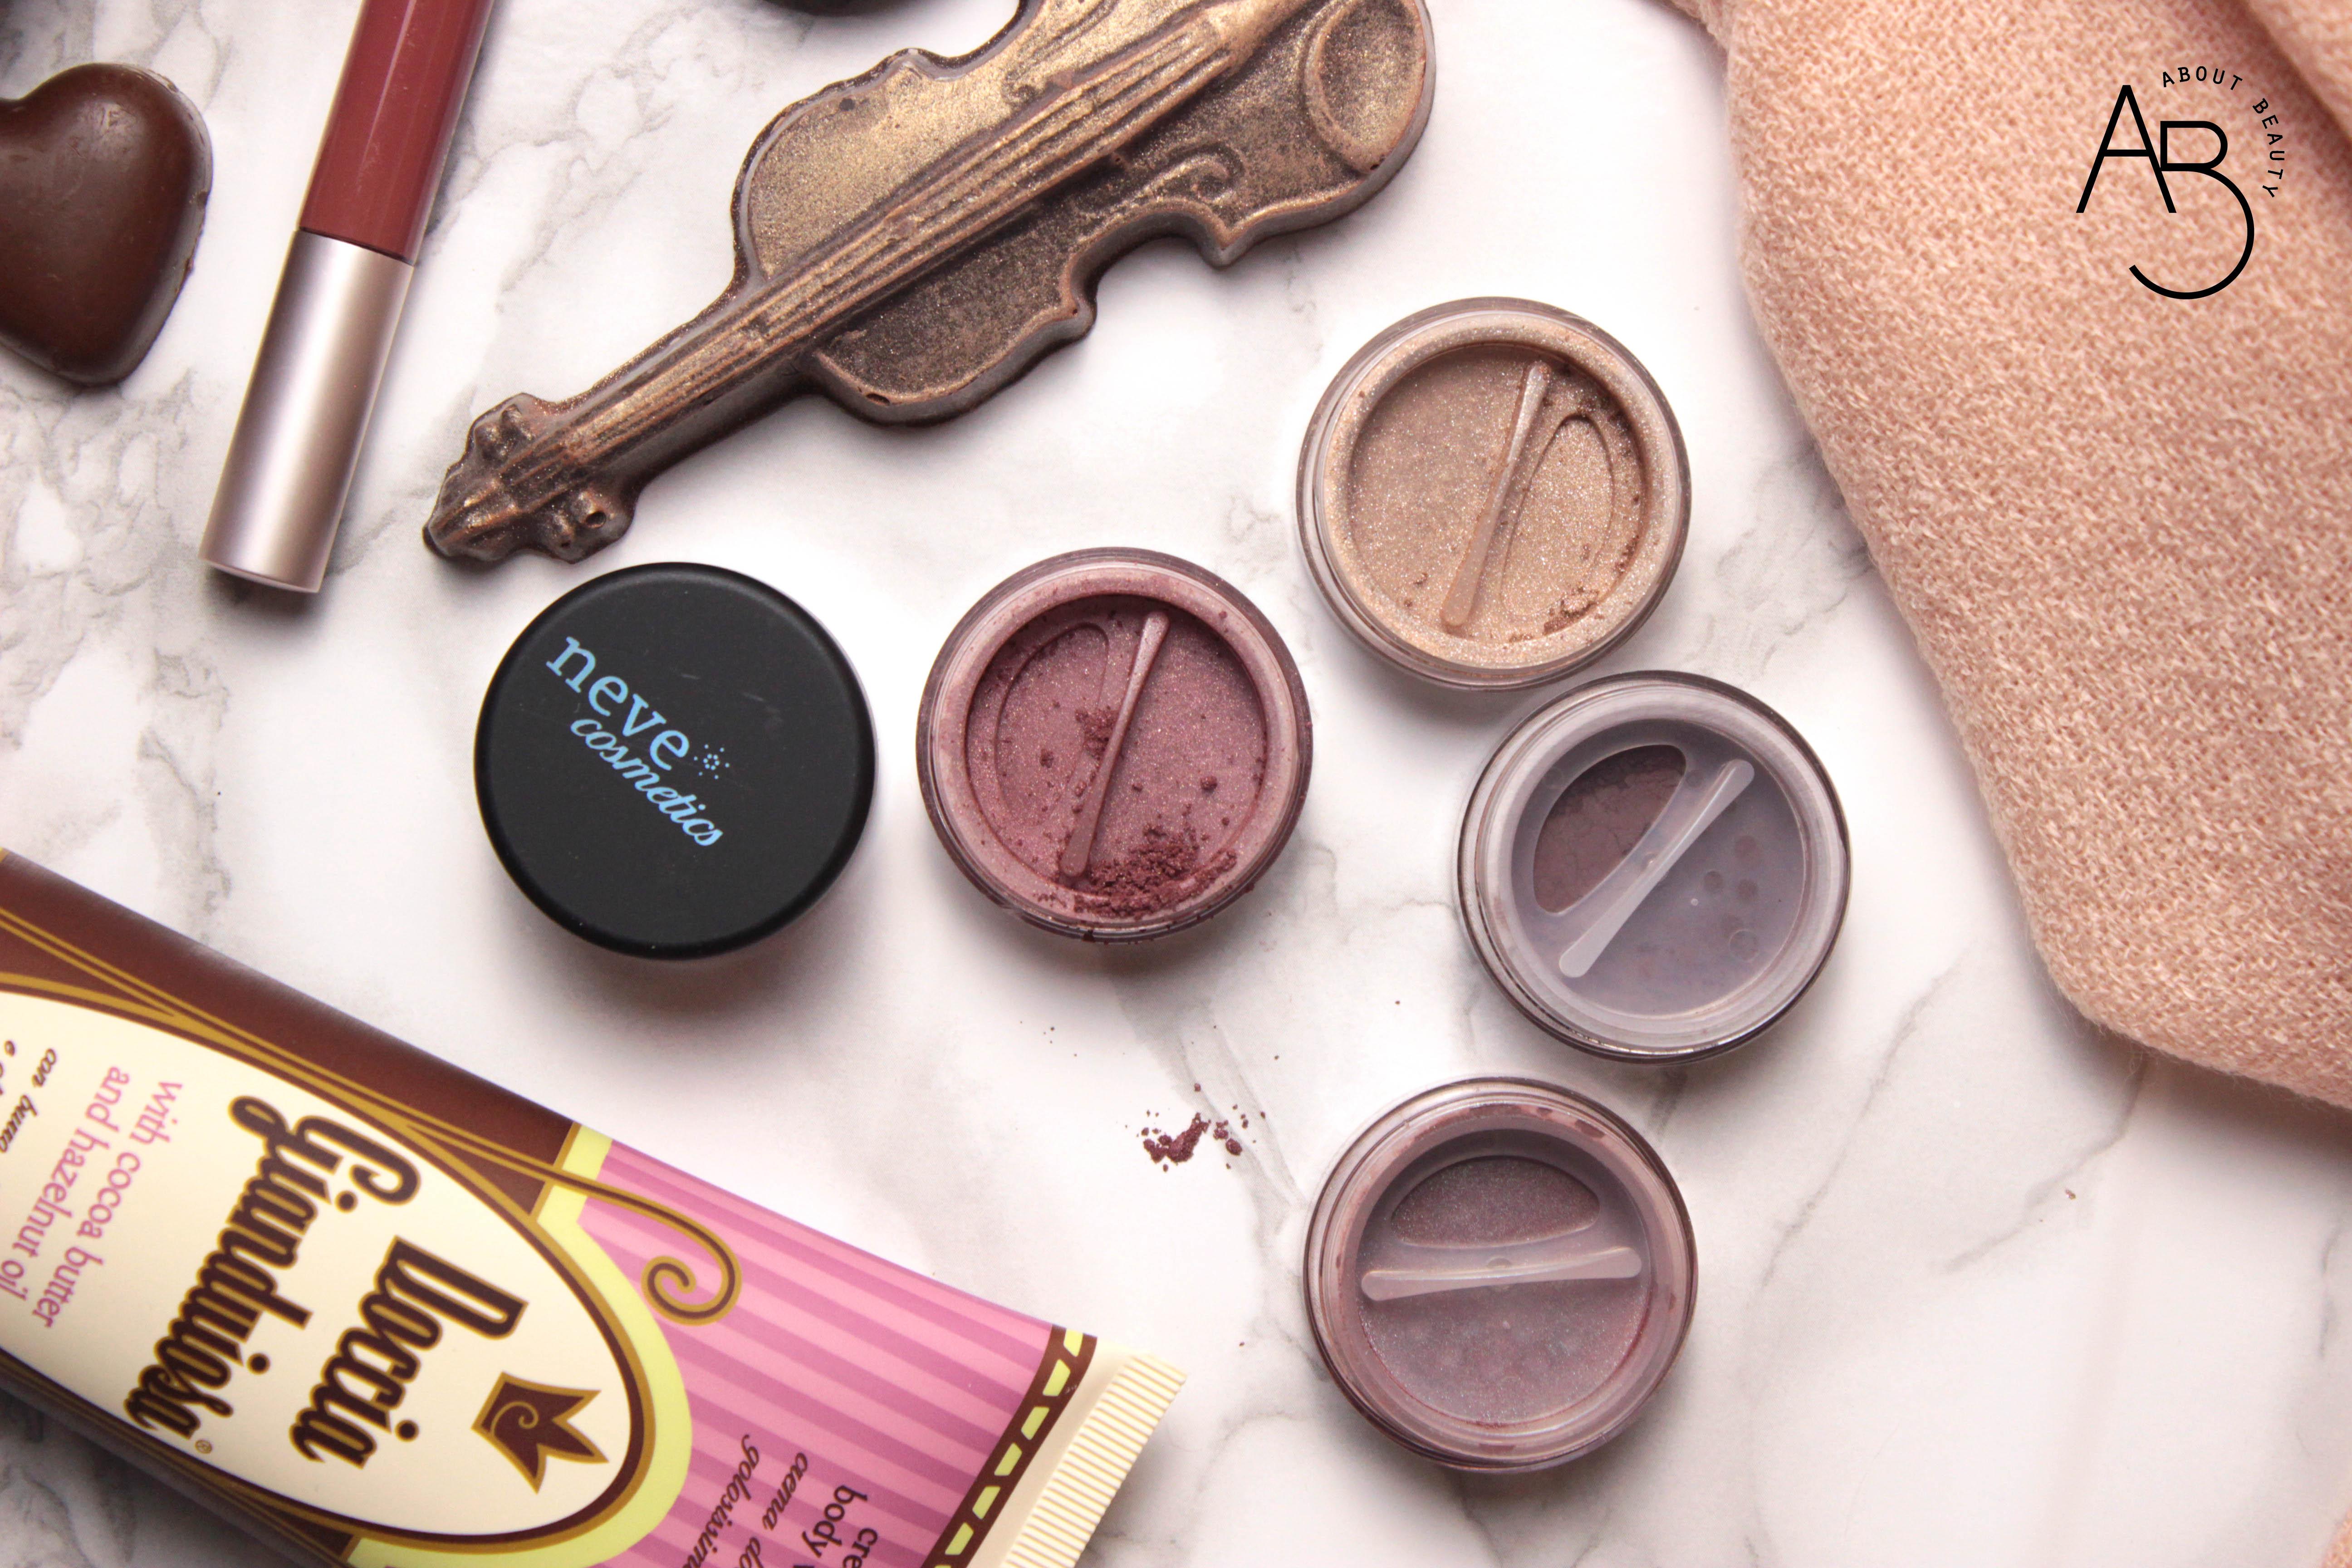 Doccia gianduiosa Neve Cosmetics - Review, recensione, info, prezzo, dove acquistare - Chocolate Valentine Promo - Ombretti minerali